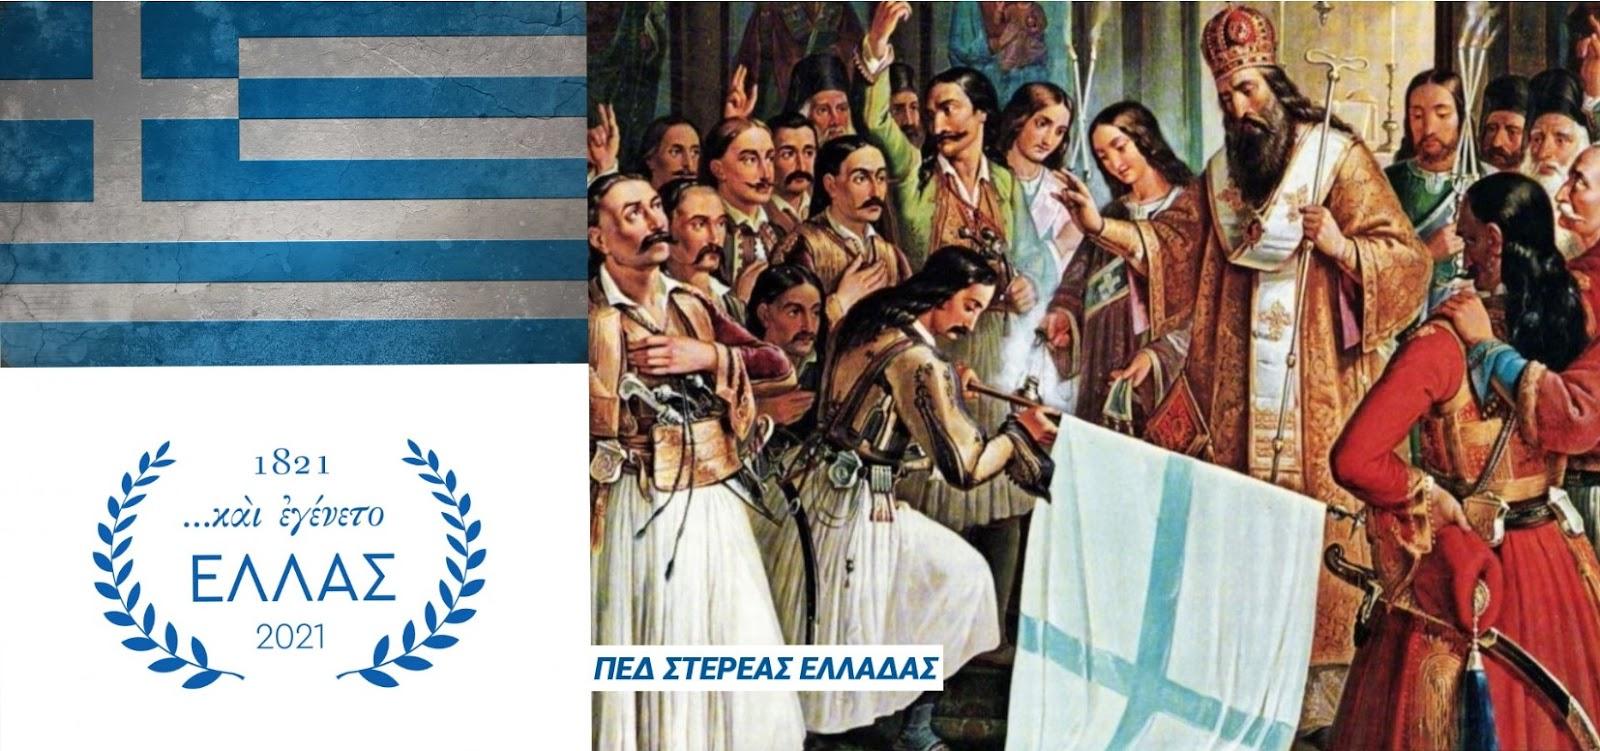 Π.Ε.Δ. Στερεάς Ελλάδα -  200 χρόνια από την Ελληνική Επανάσταση